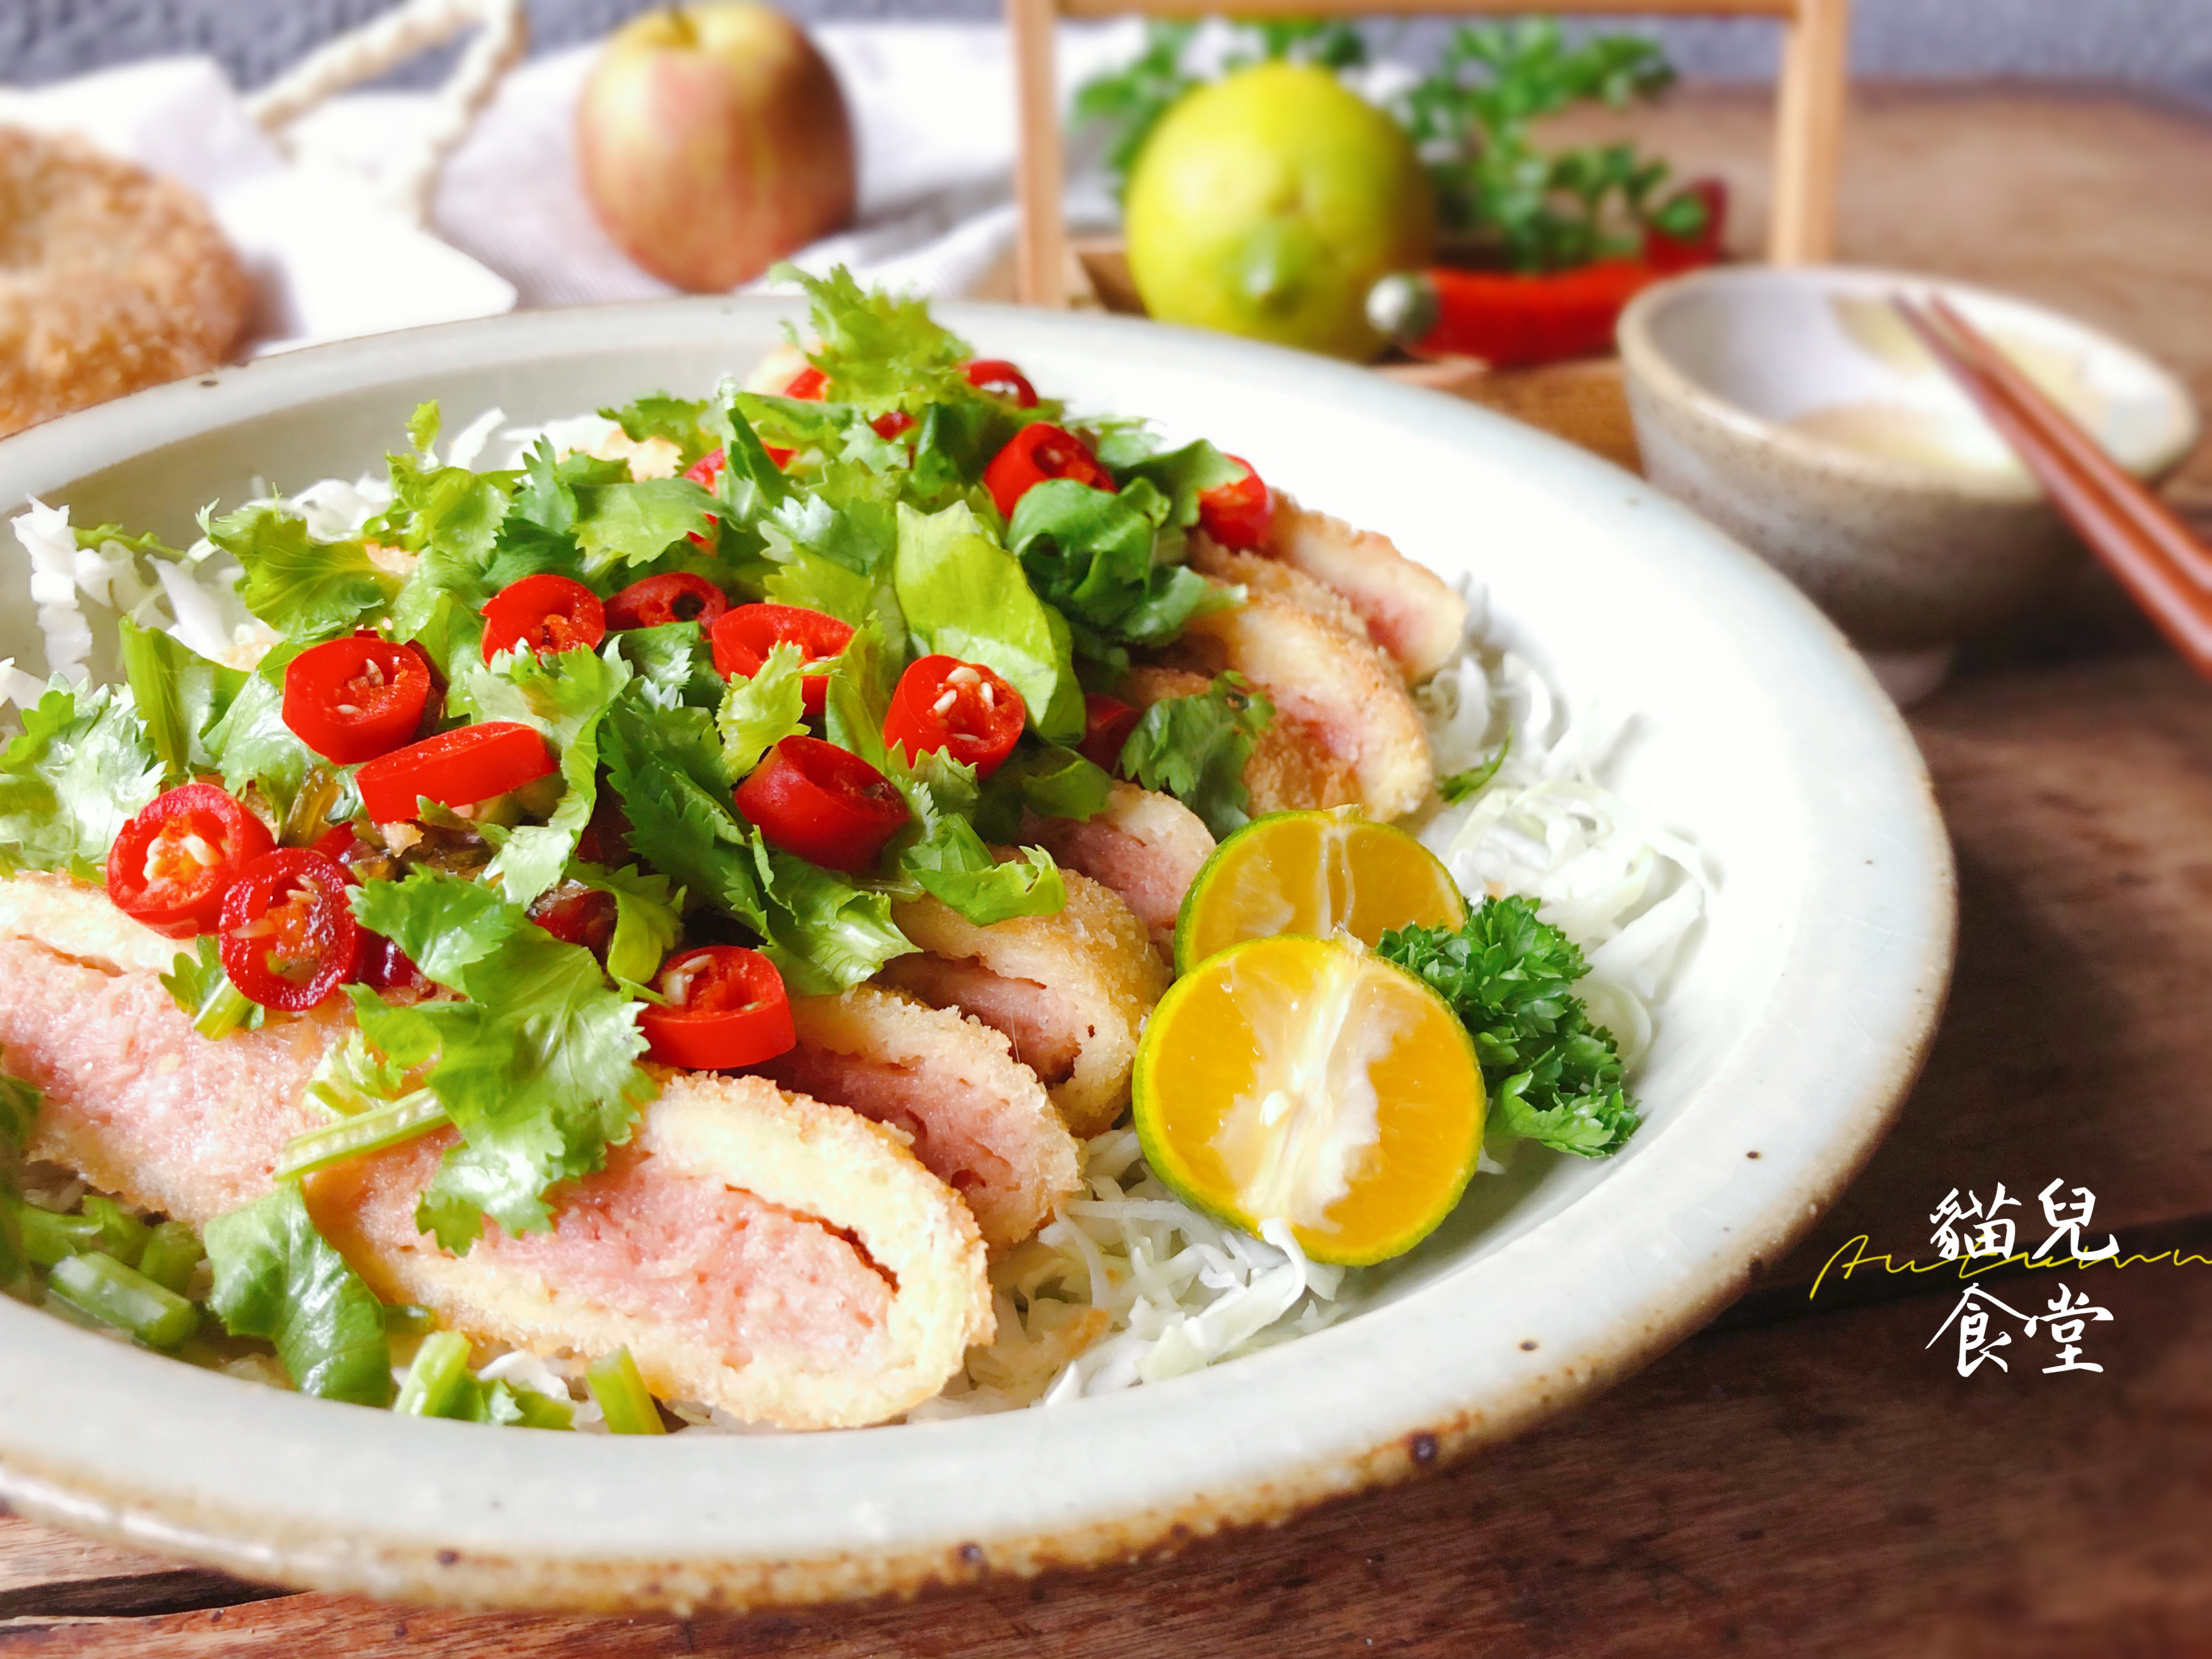 青檸椒麻新餐肉